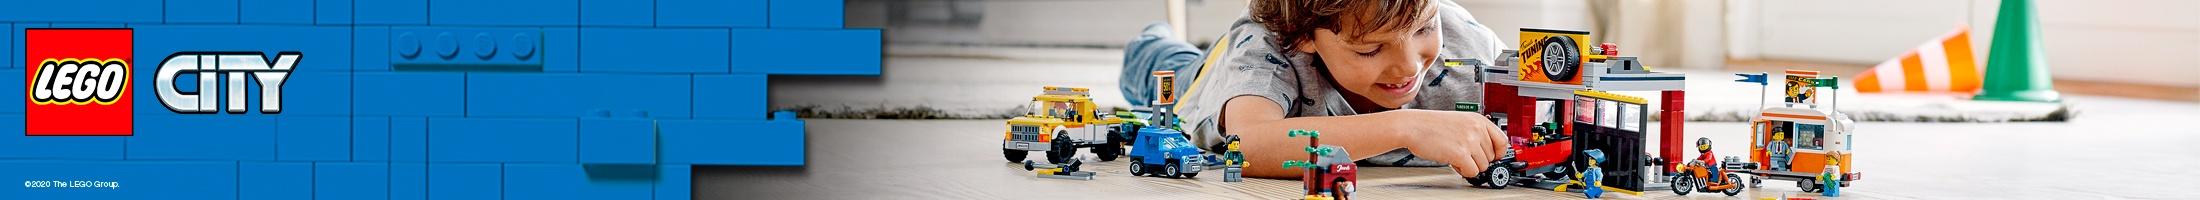 Brinquedos Lego City